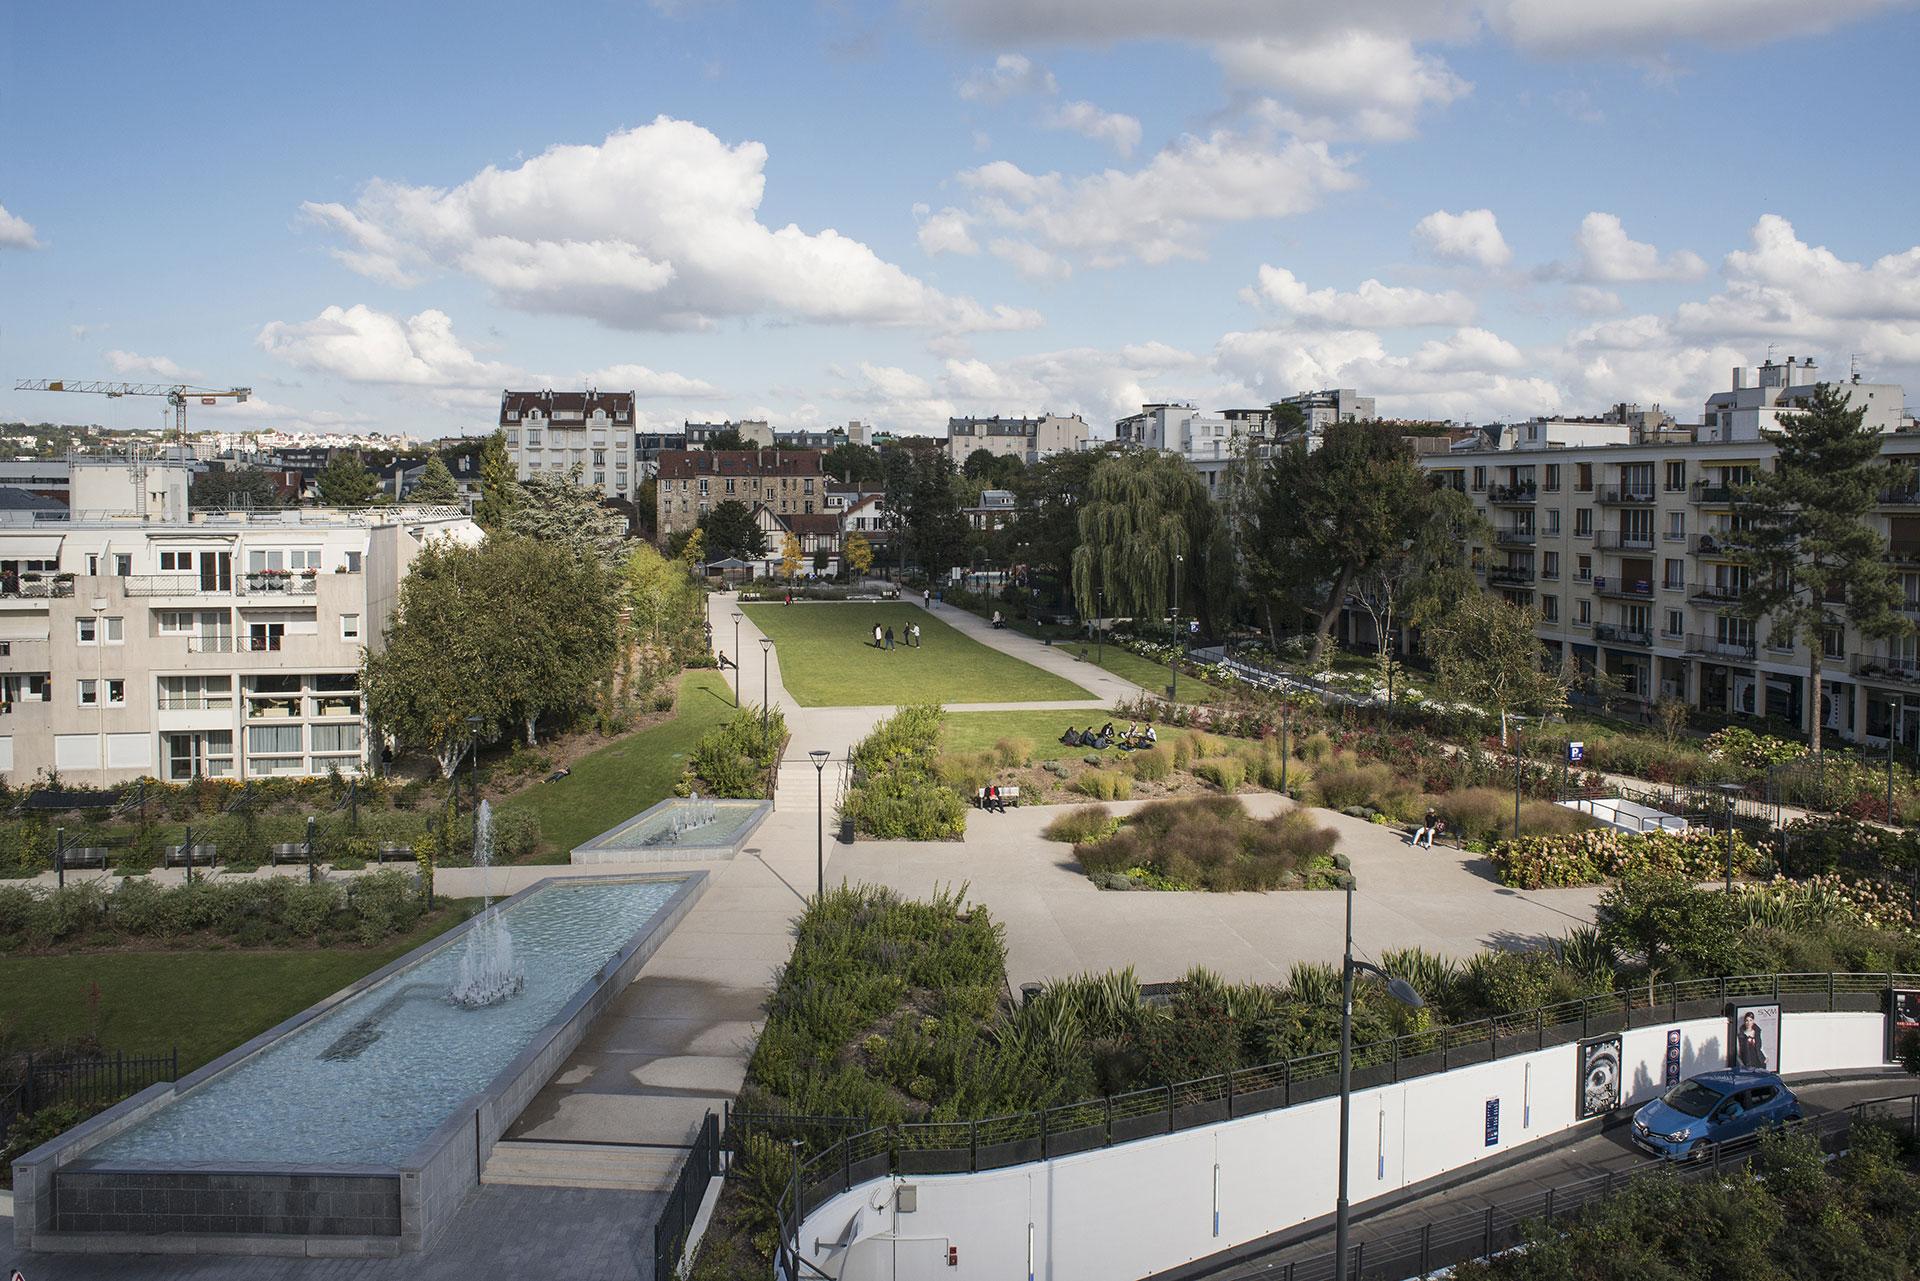 Le Parc de Villemessant